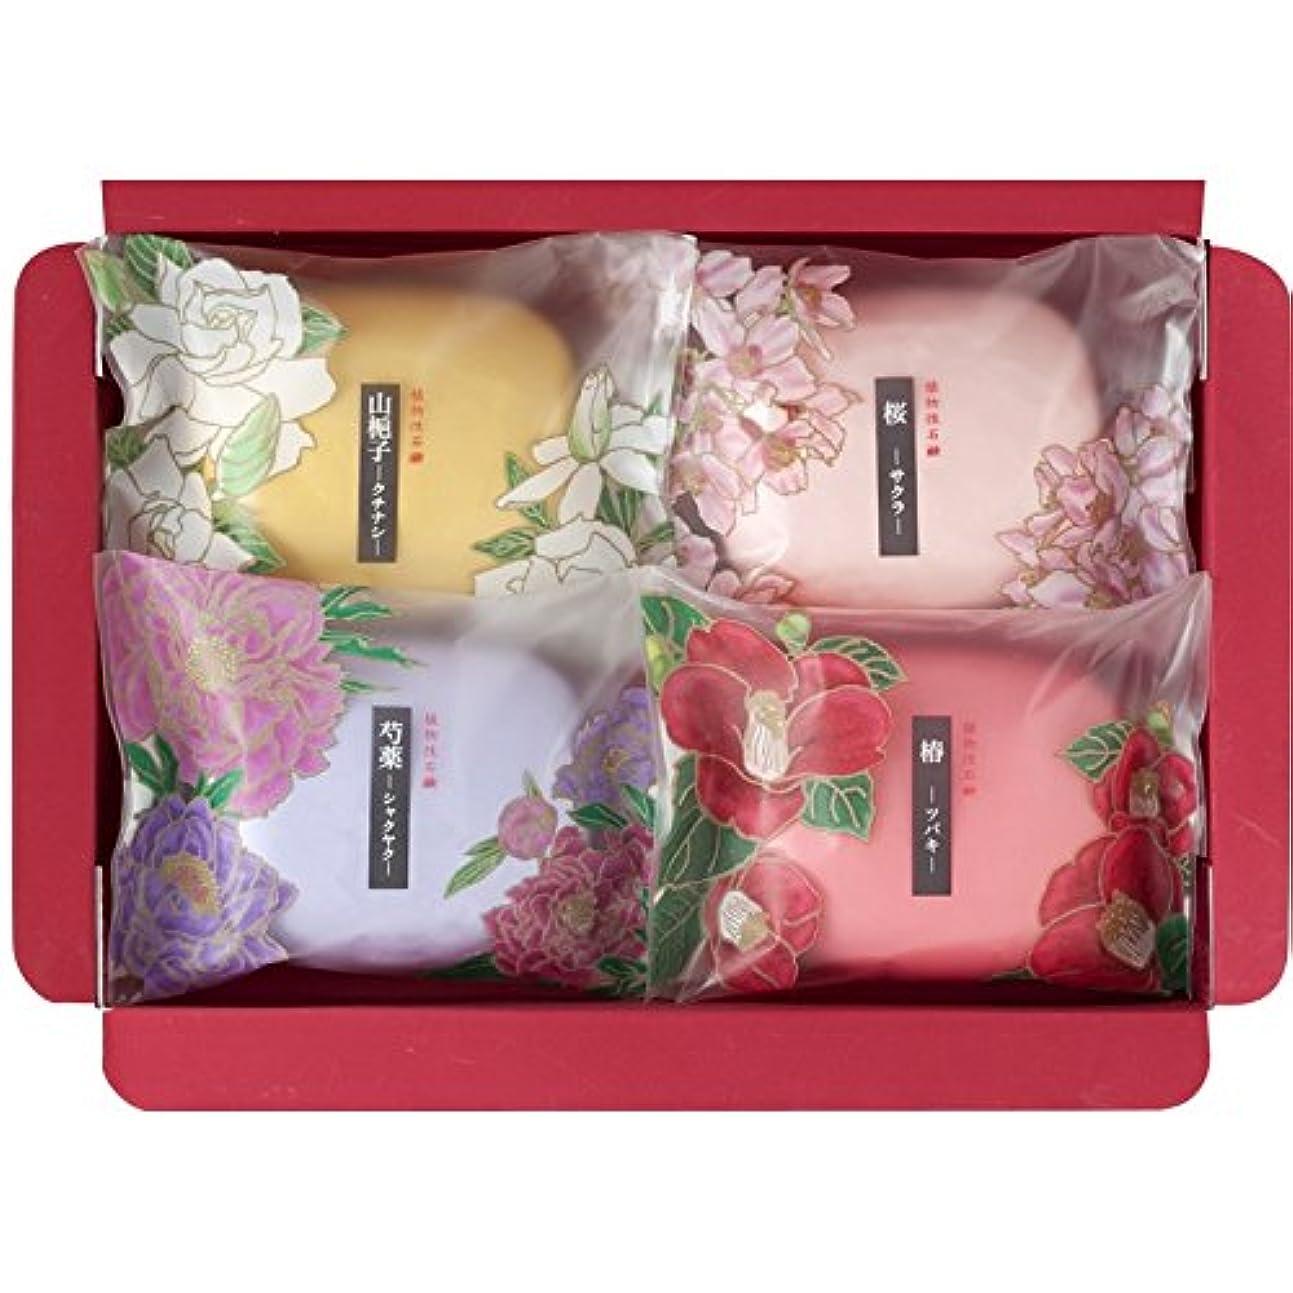 ホーム入学するピジン彩花だより SAK-05 【石けん 石鹸 うるおい いい香り 固形 詰め合わせ セット 良い香り 美容 個包装 肌に優しい 日本製】